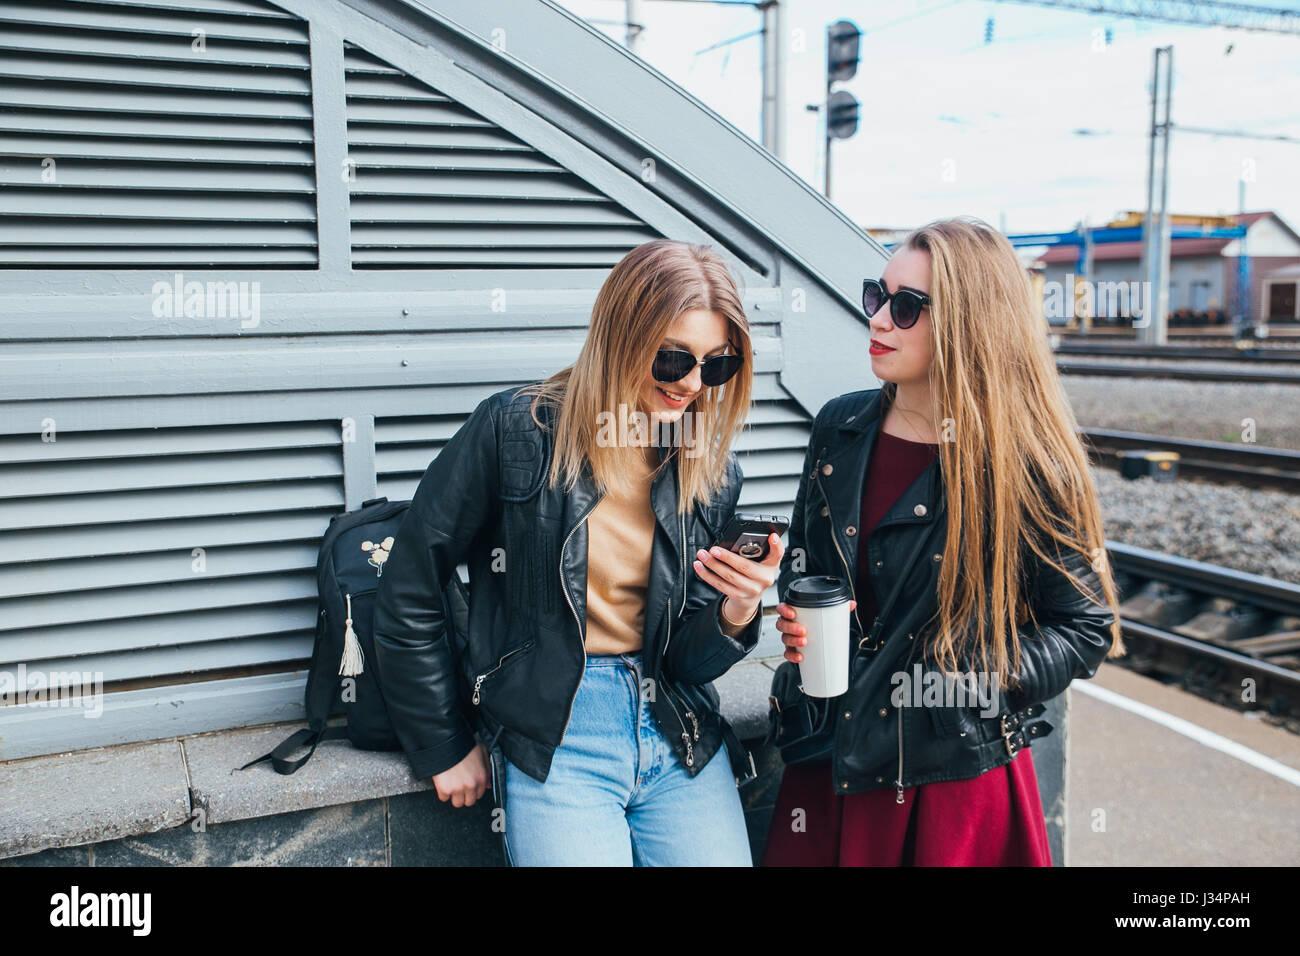 Dos mujeres hablando en la ciudad.Outdoor Lifestyle retrato de dos mejores amigos hipster niñas vestían eleganteFoto de stock